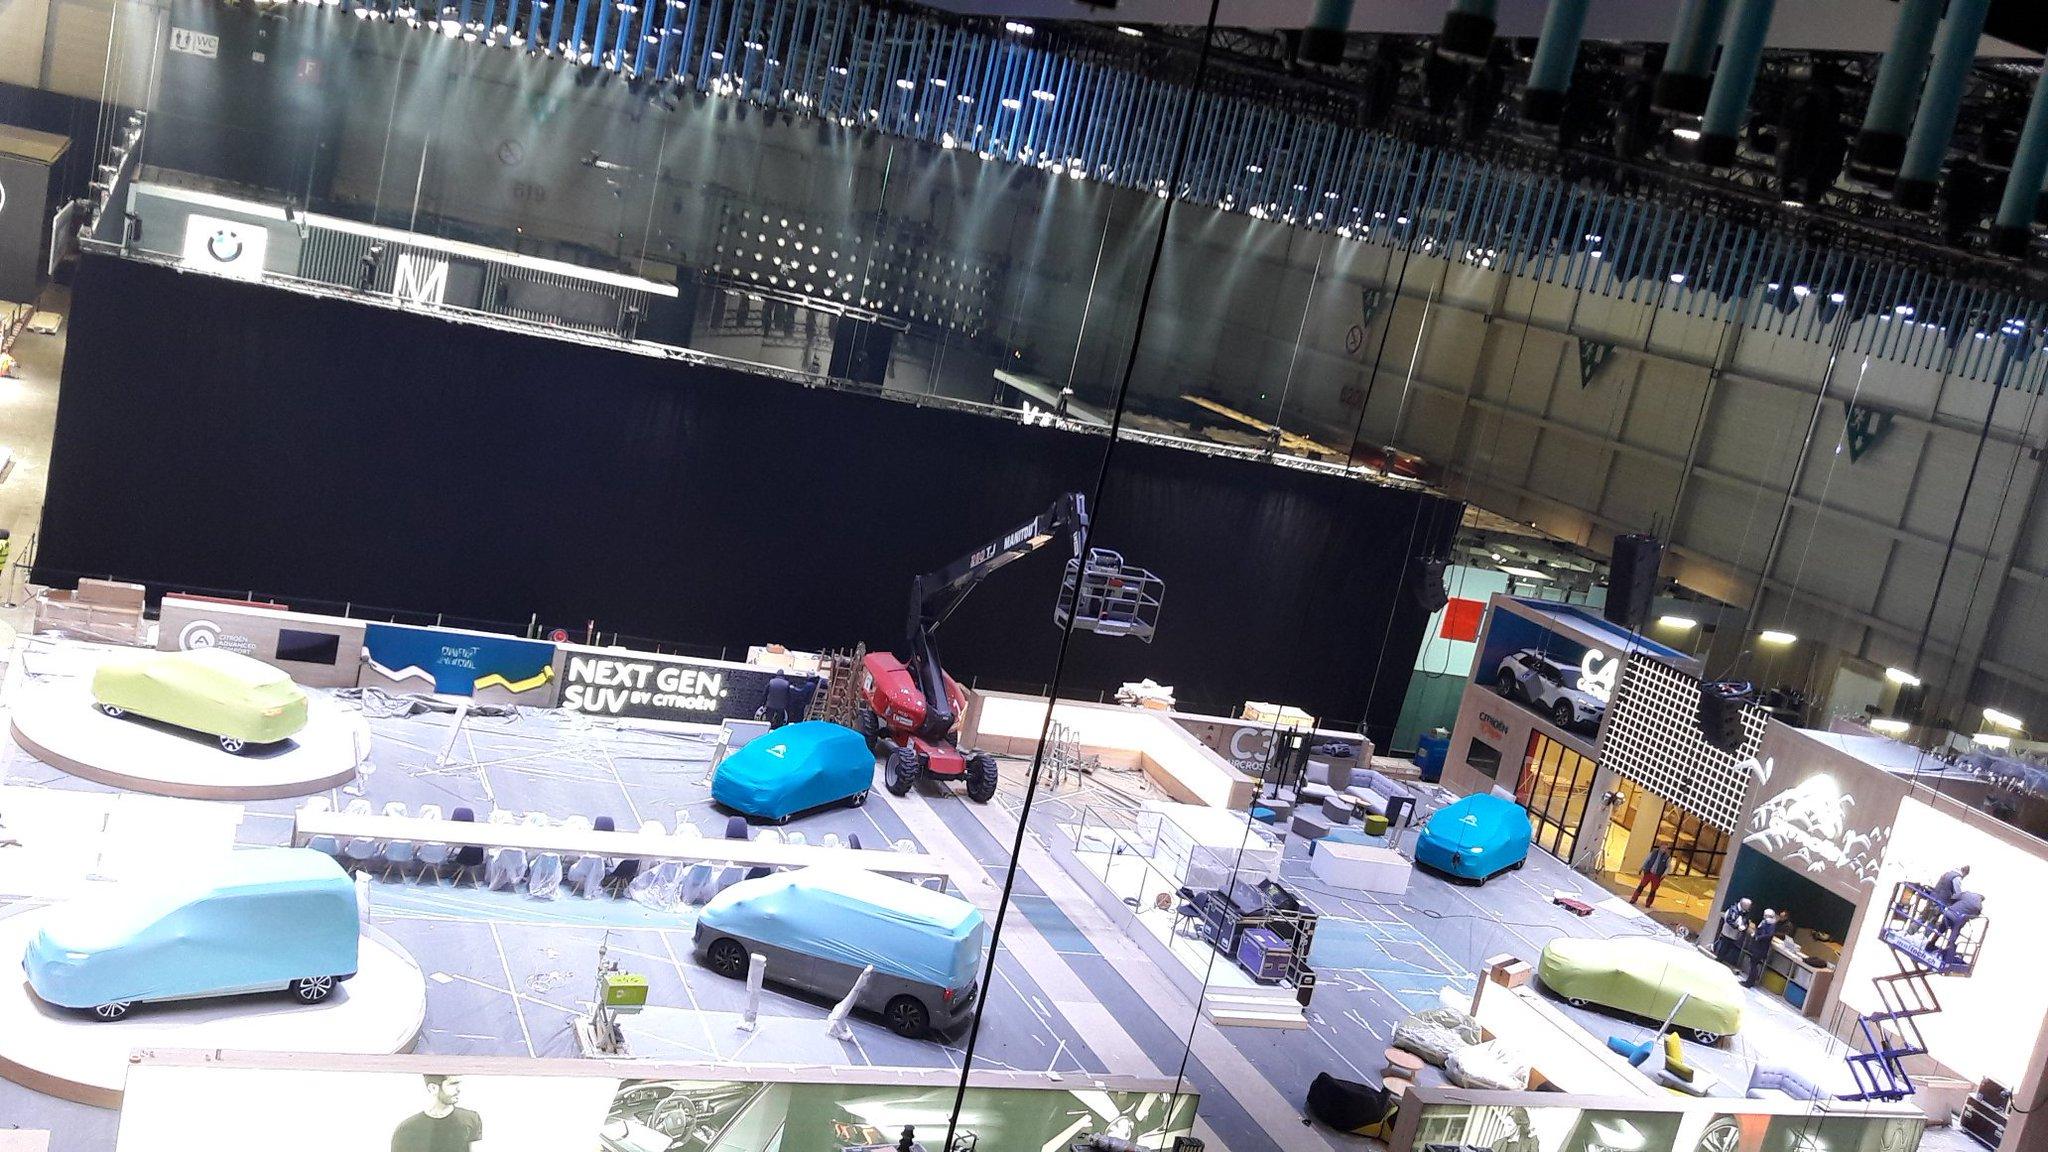 2018 - (Suisse) Salon de l'Automobile de Genève - Page 3 DXUCtpLW0AMsn9x